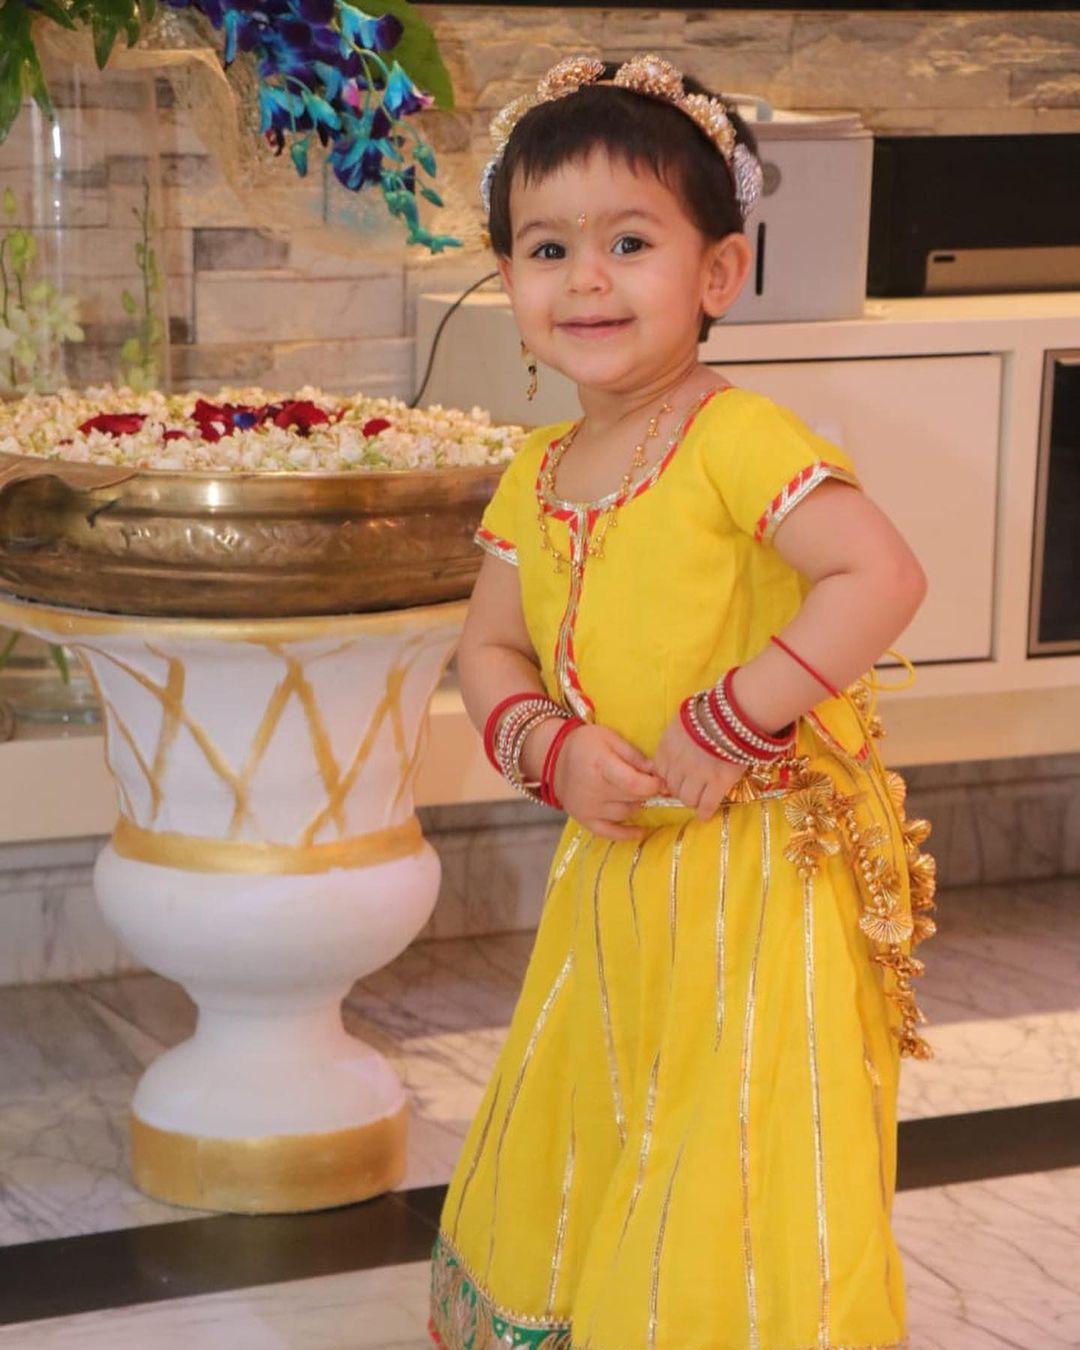 Anayra Sharma